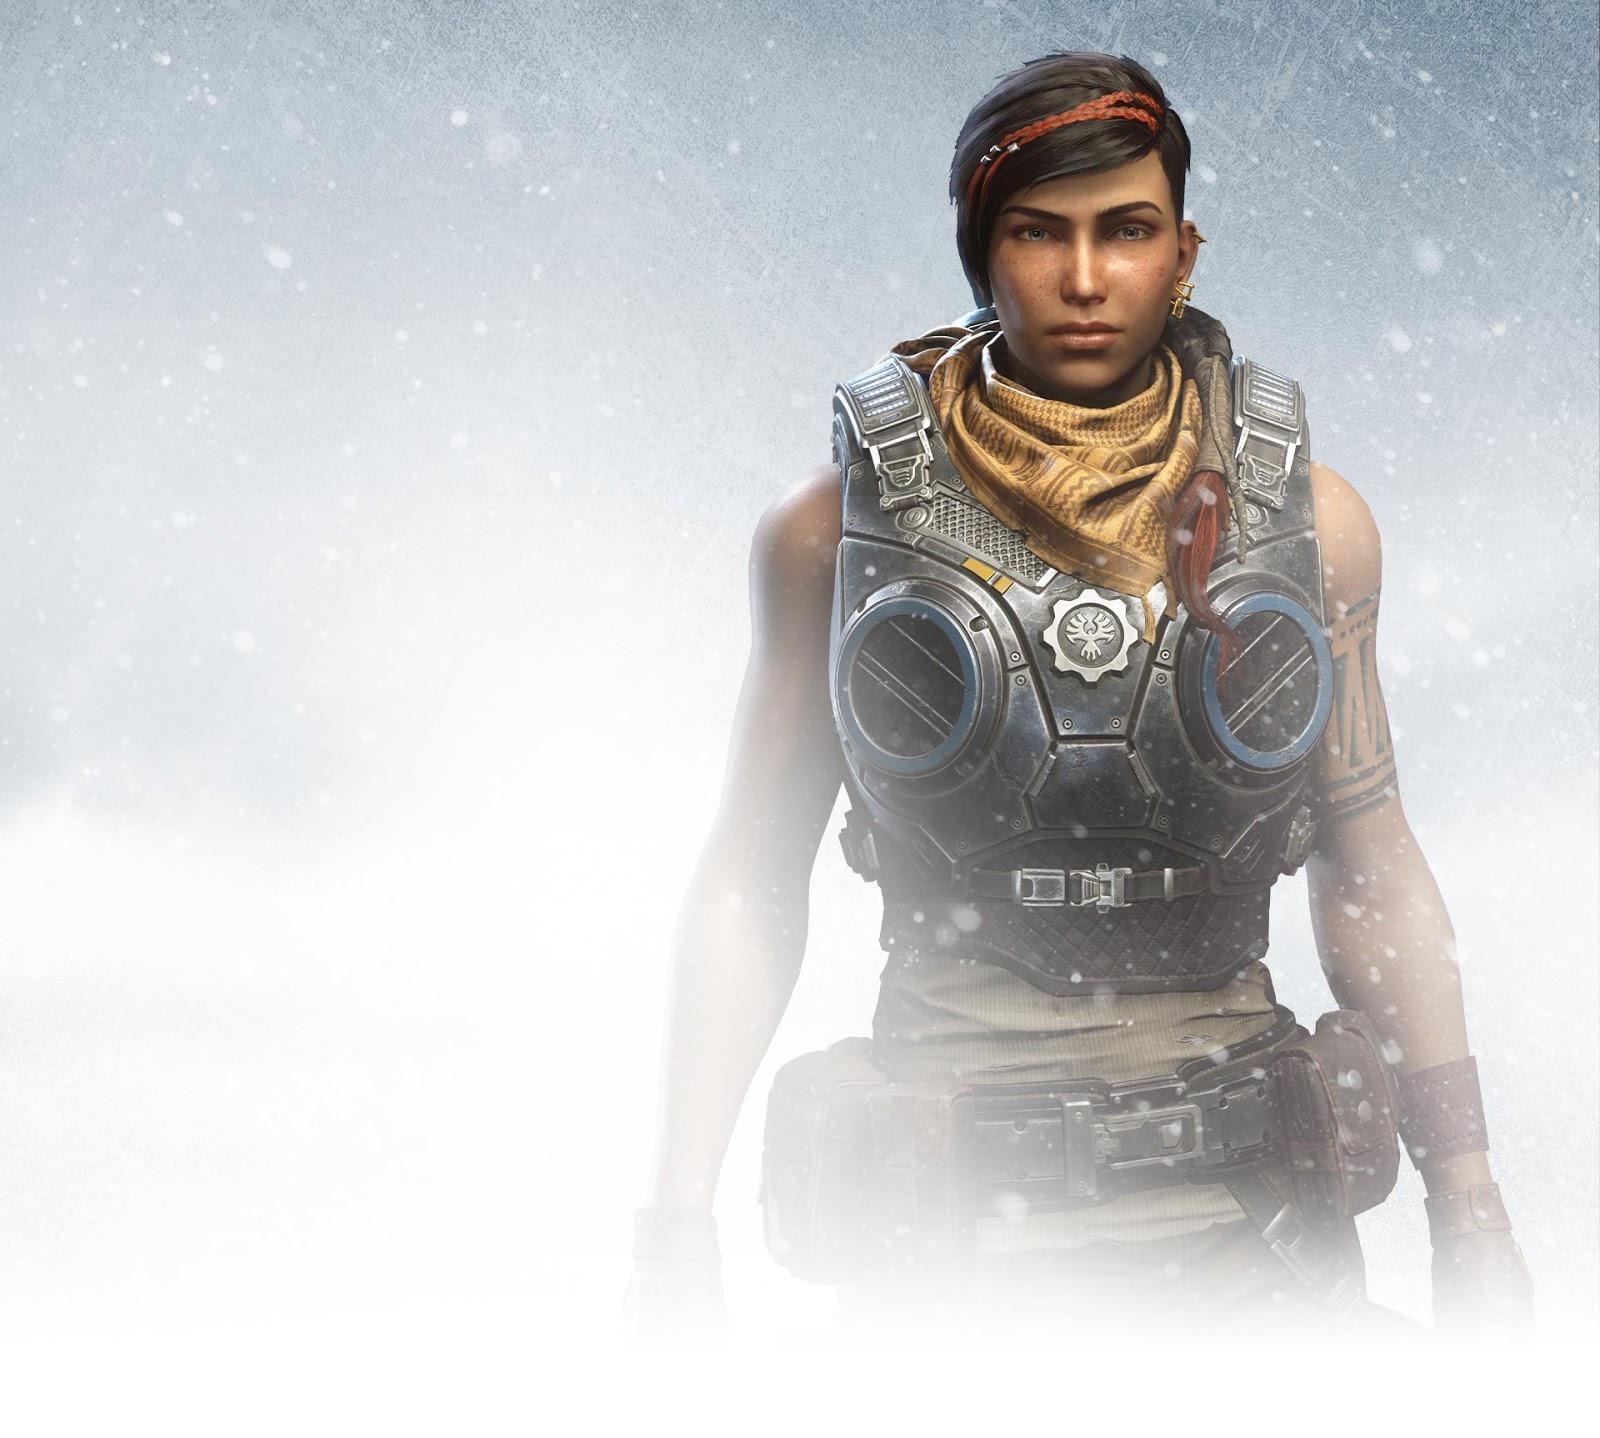 Gears 5: Kait Diaz